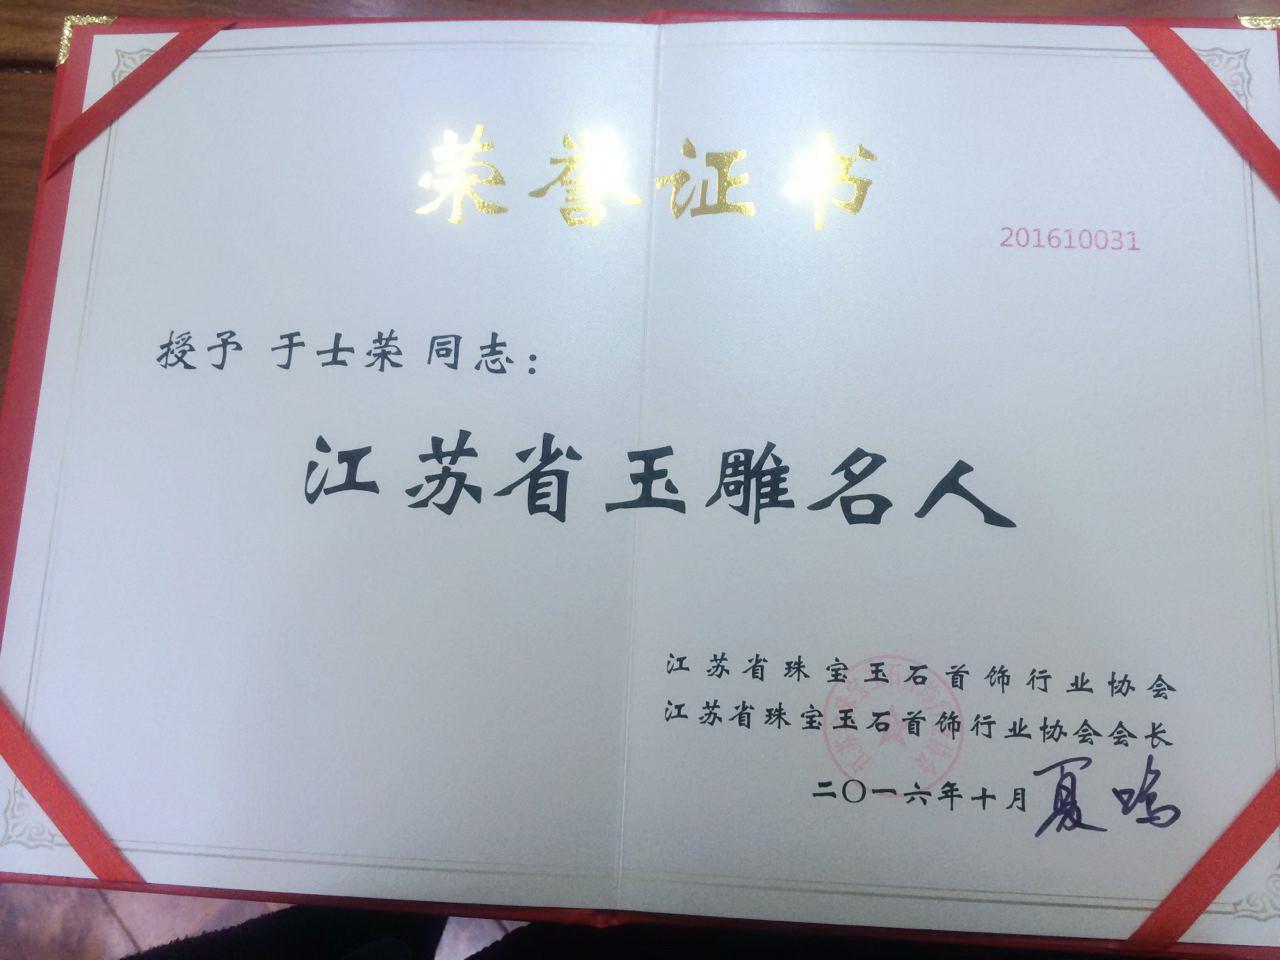 淘宝客服_姑苏区于士荣玉雕工作室招聘信息 — 中华